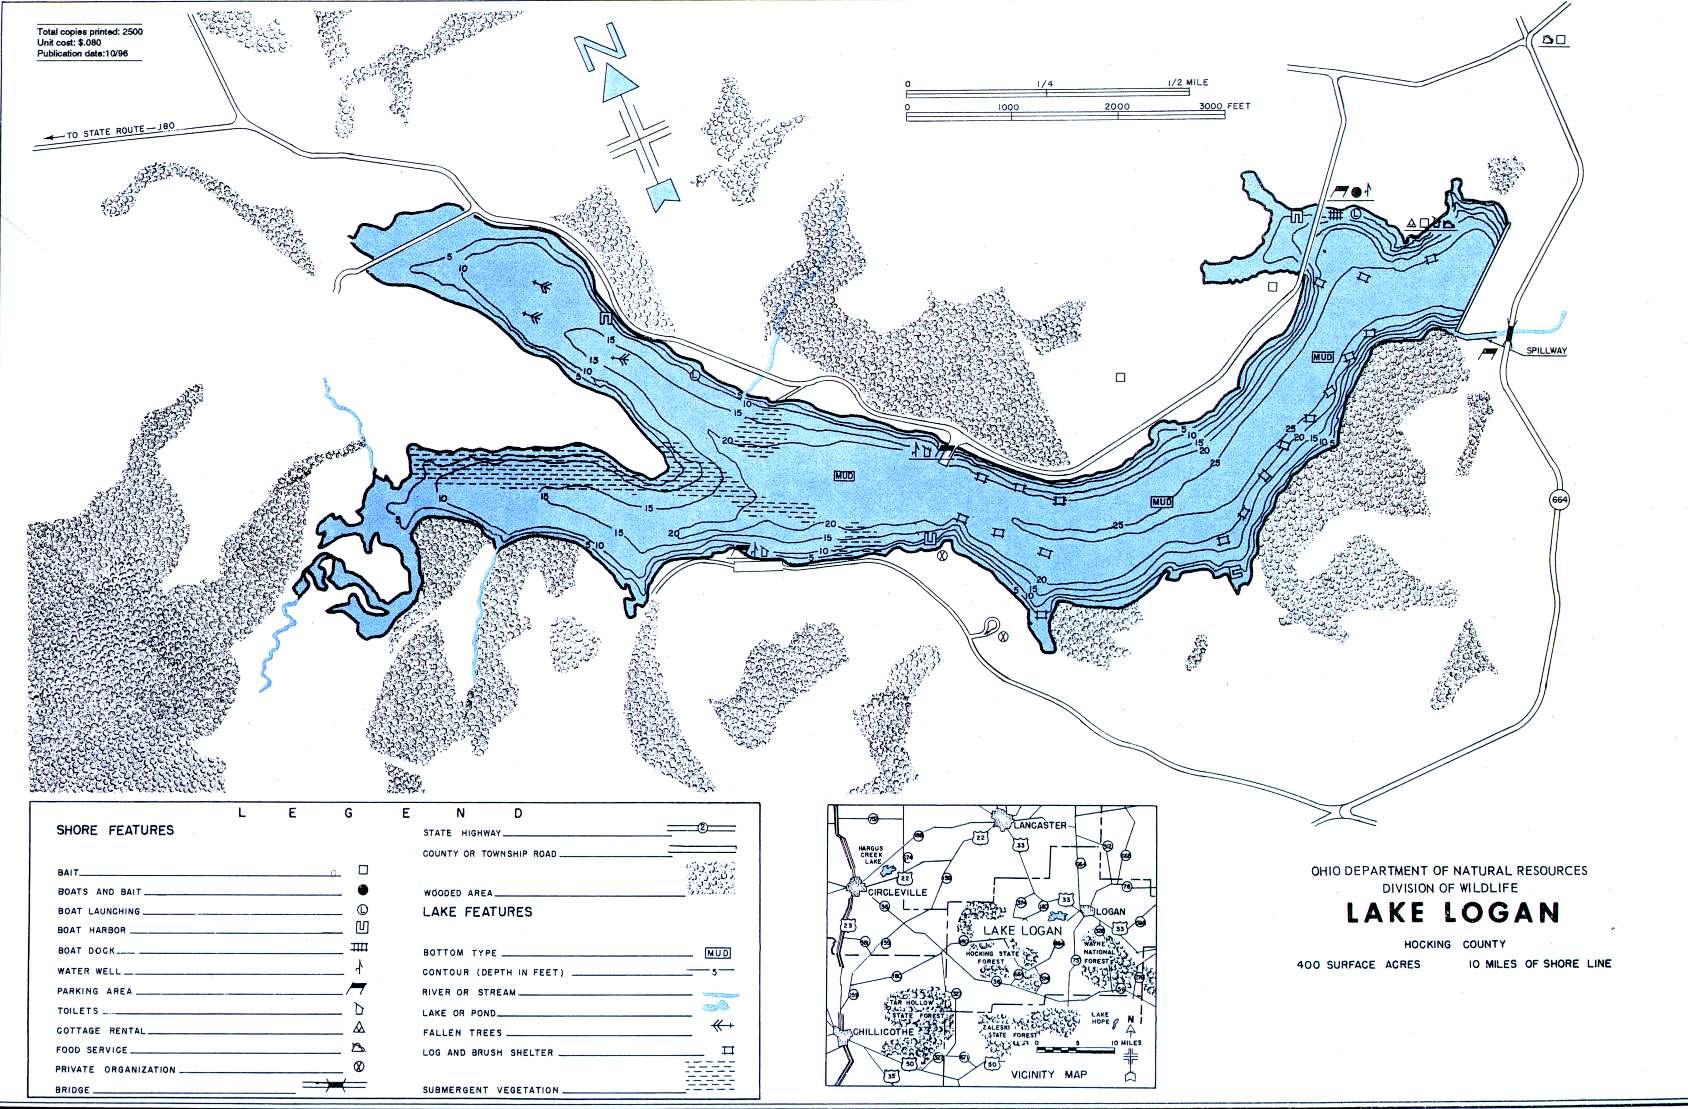 Lake Logan Fishing Map - GoFishOhio